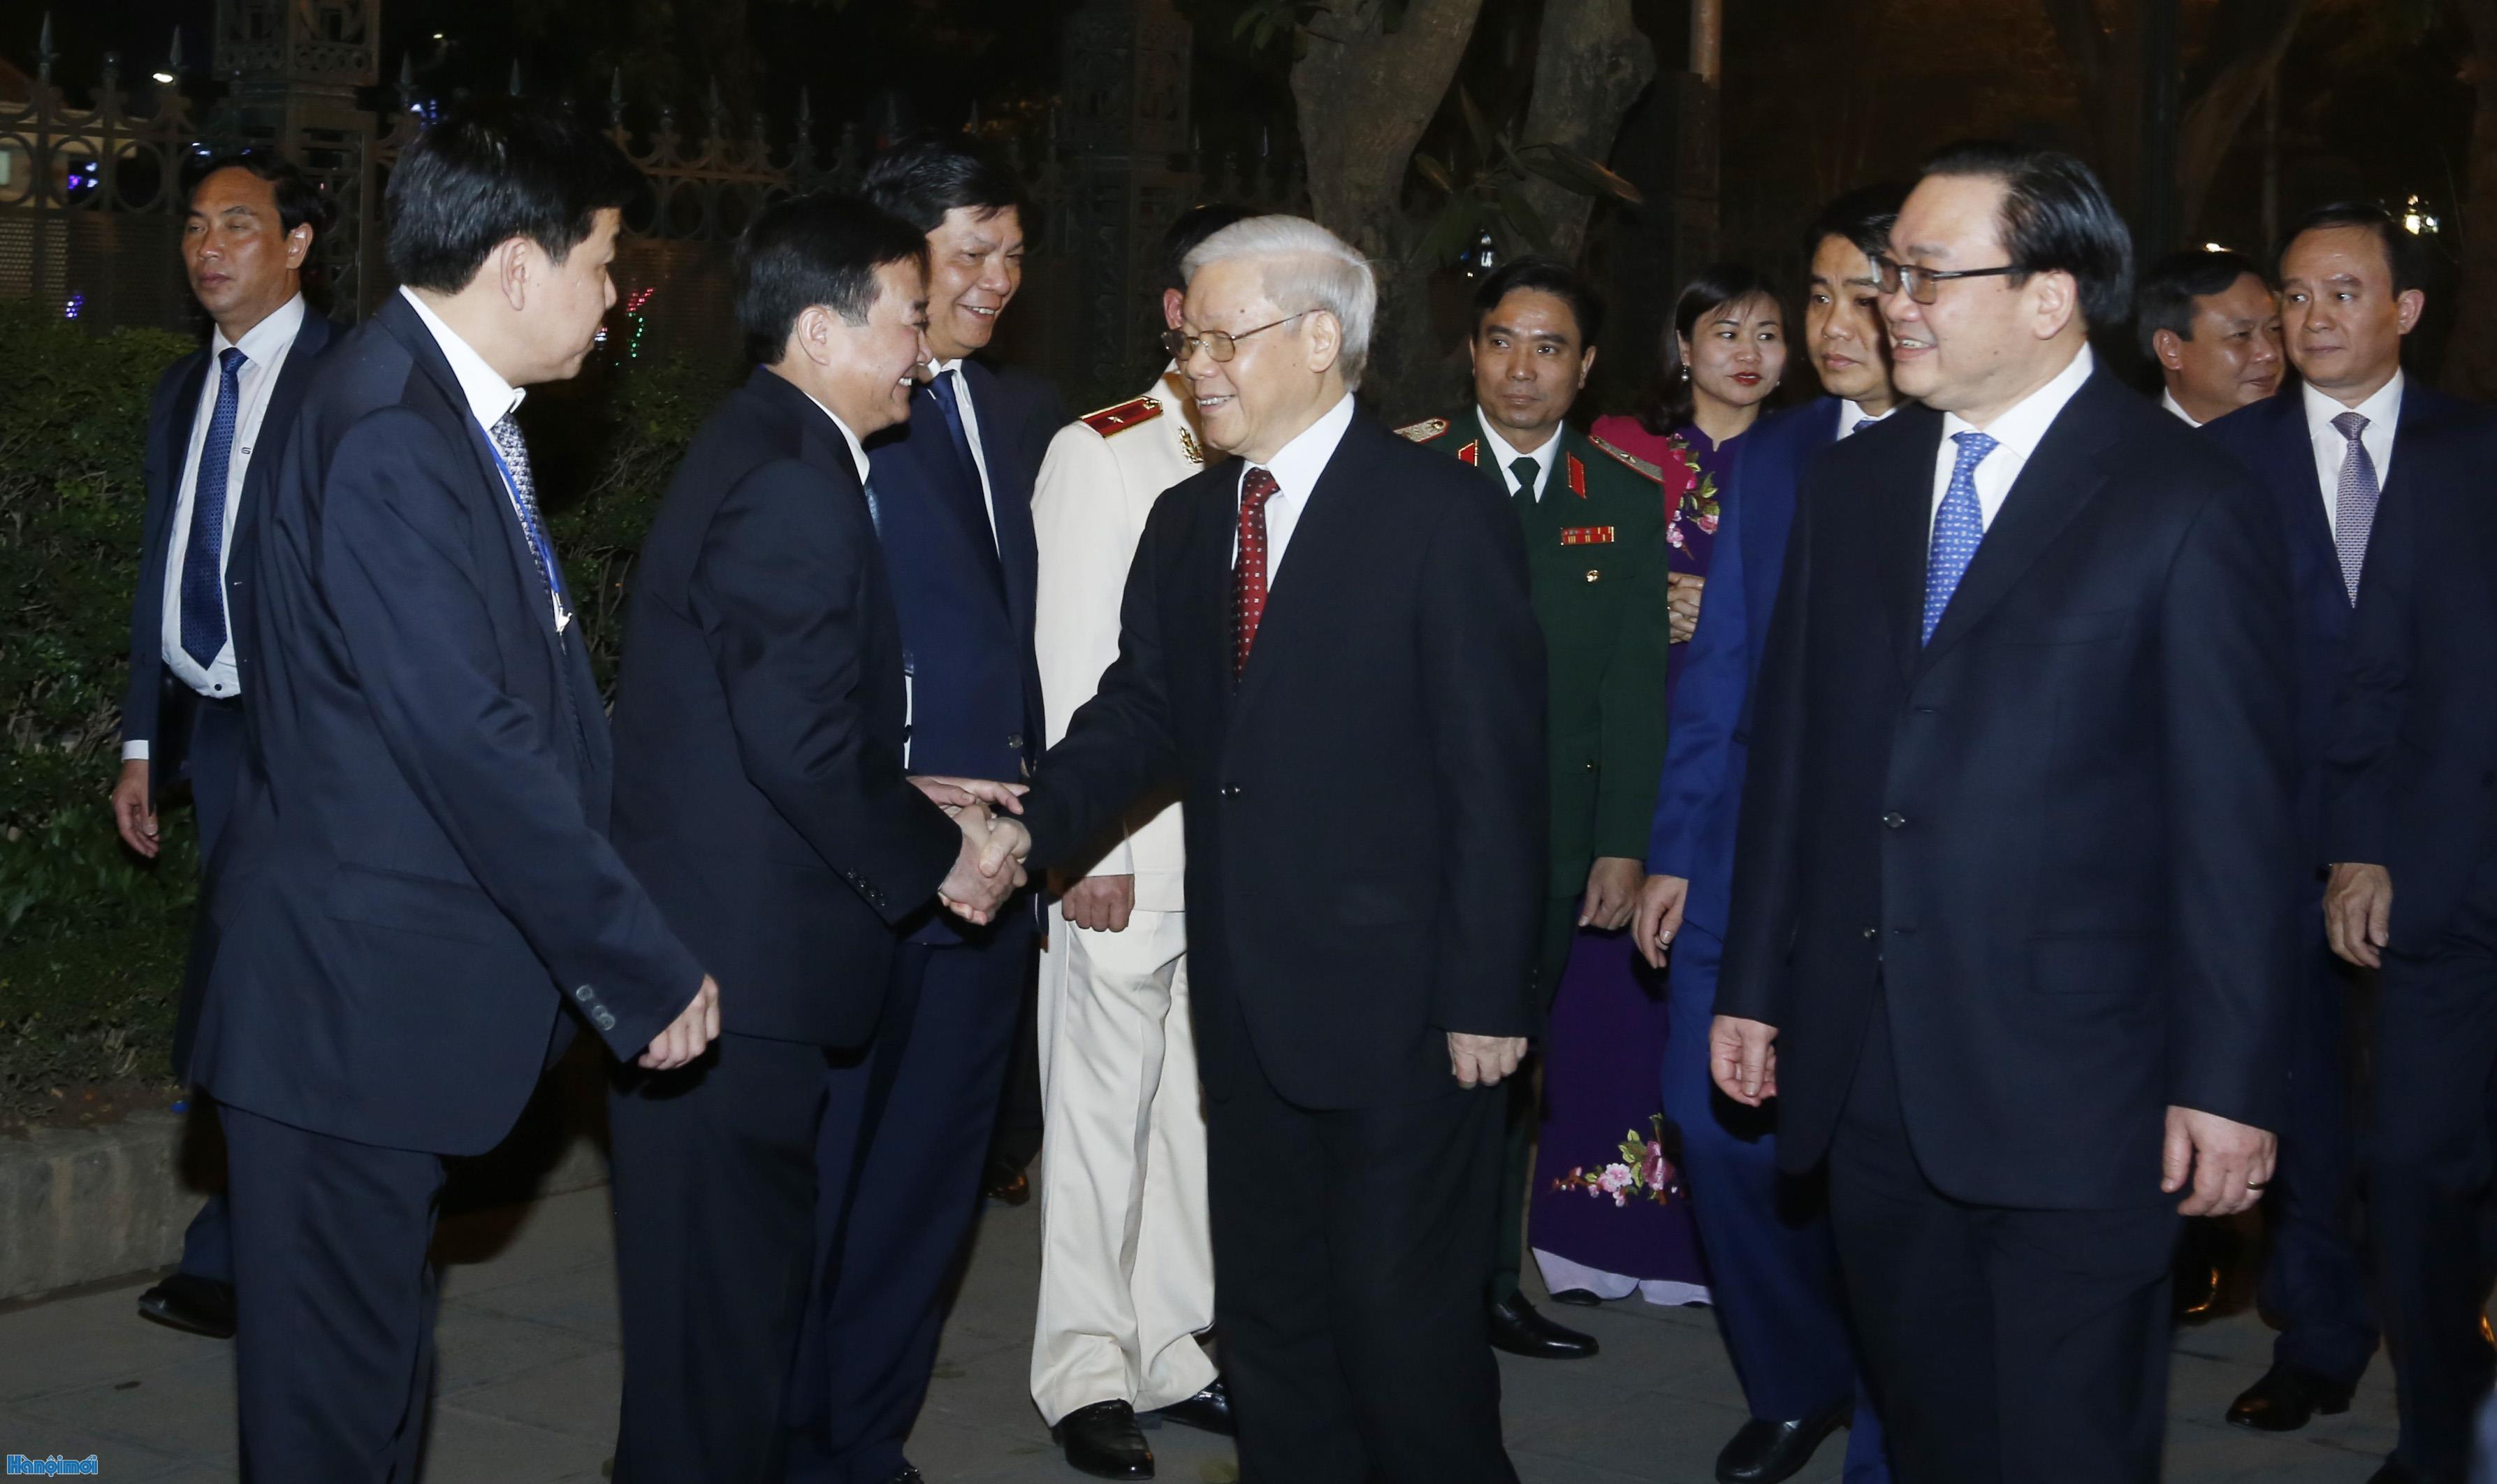 Tổng Bí thư Nguyễn Phú Trọng chúc Tết Đảng bộ, chính quyền và nhân dân Thủ đô Hà Nội